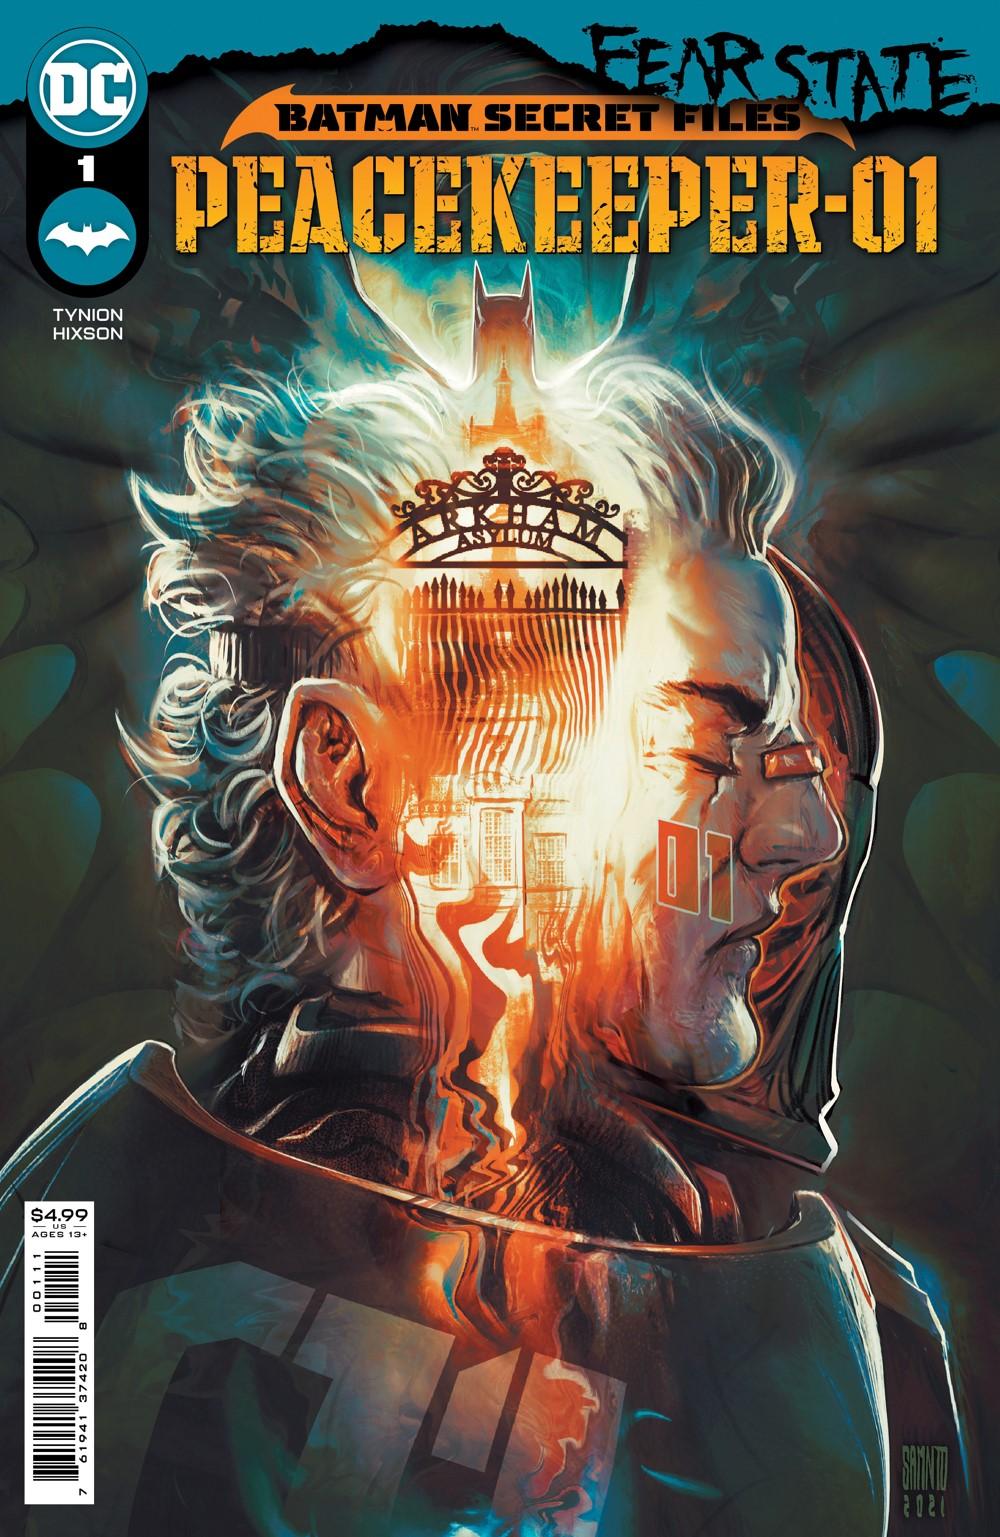 BMSF_PEACEKPR_Cv1_00111 DC Comics October 2021 Solicitations